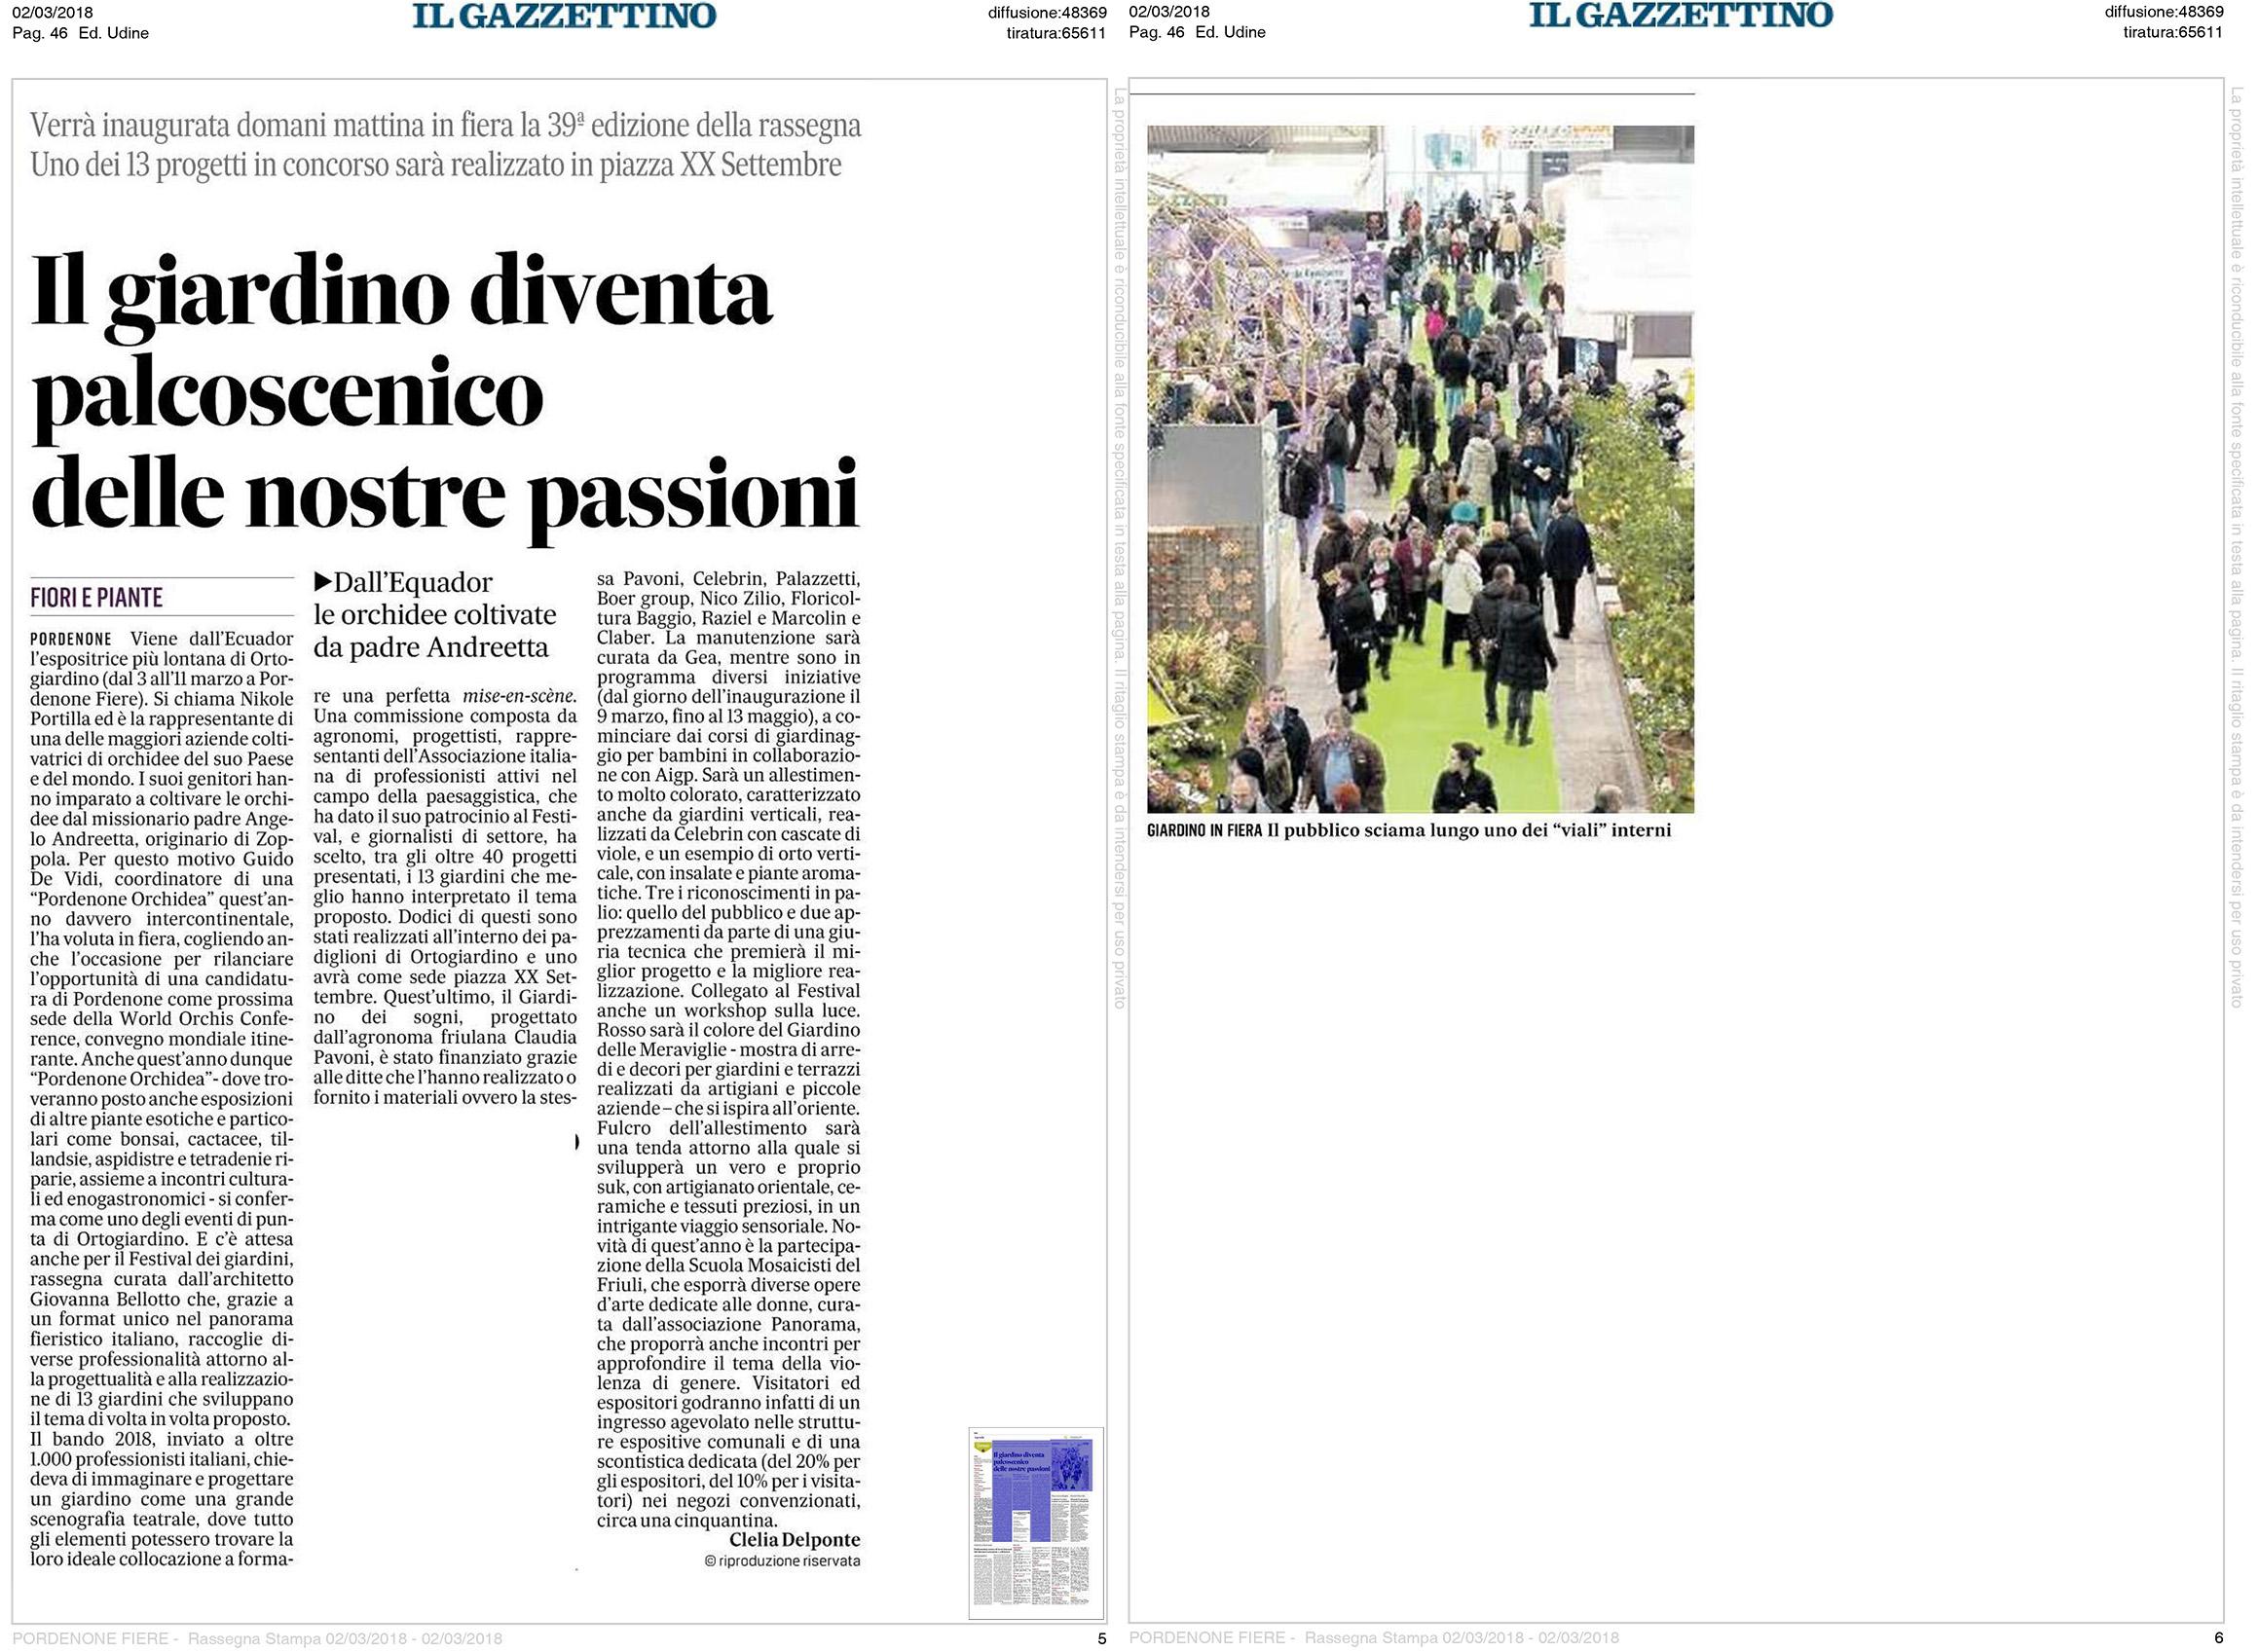 03-02-RassegnaStampa06-IlGazzettino